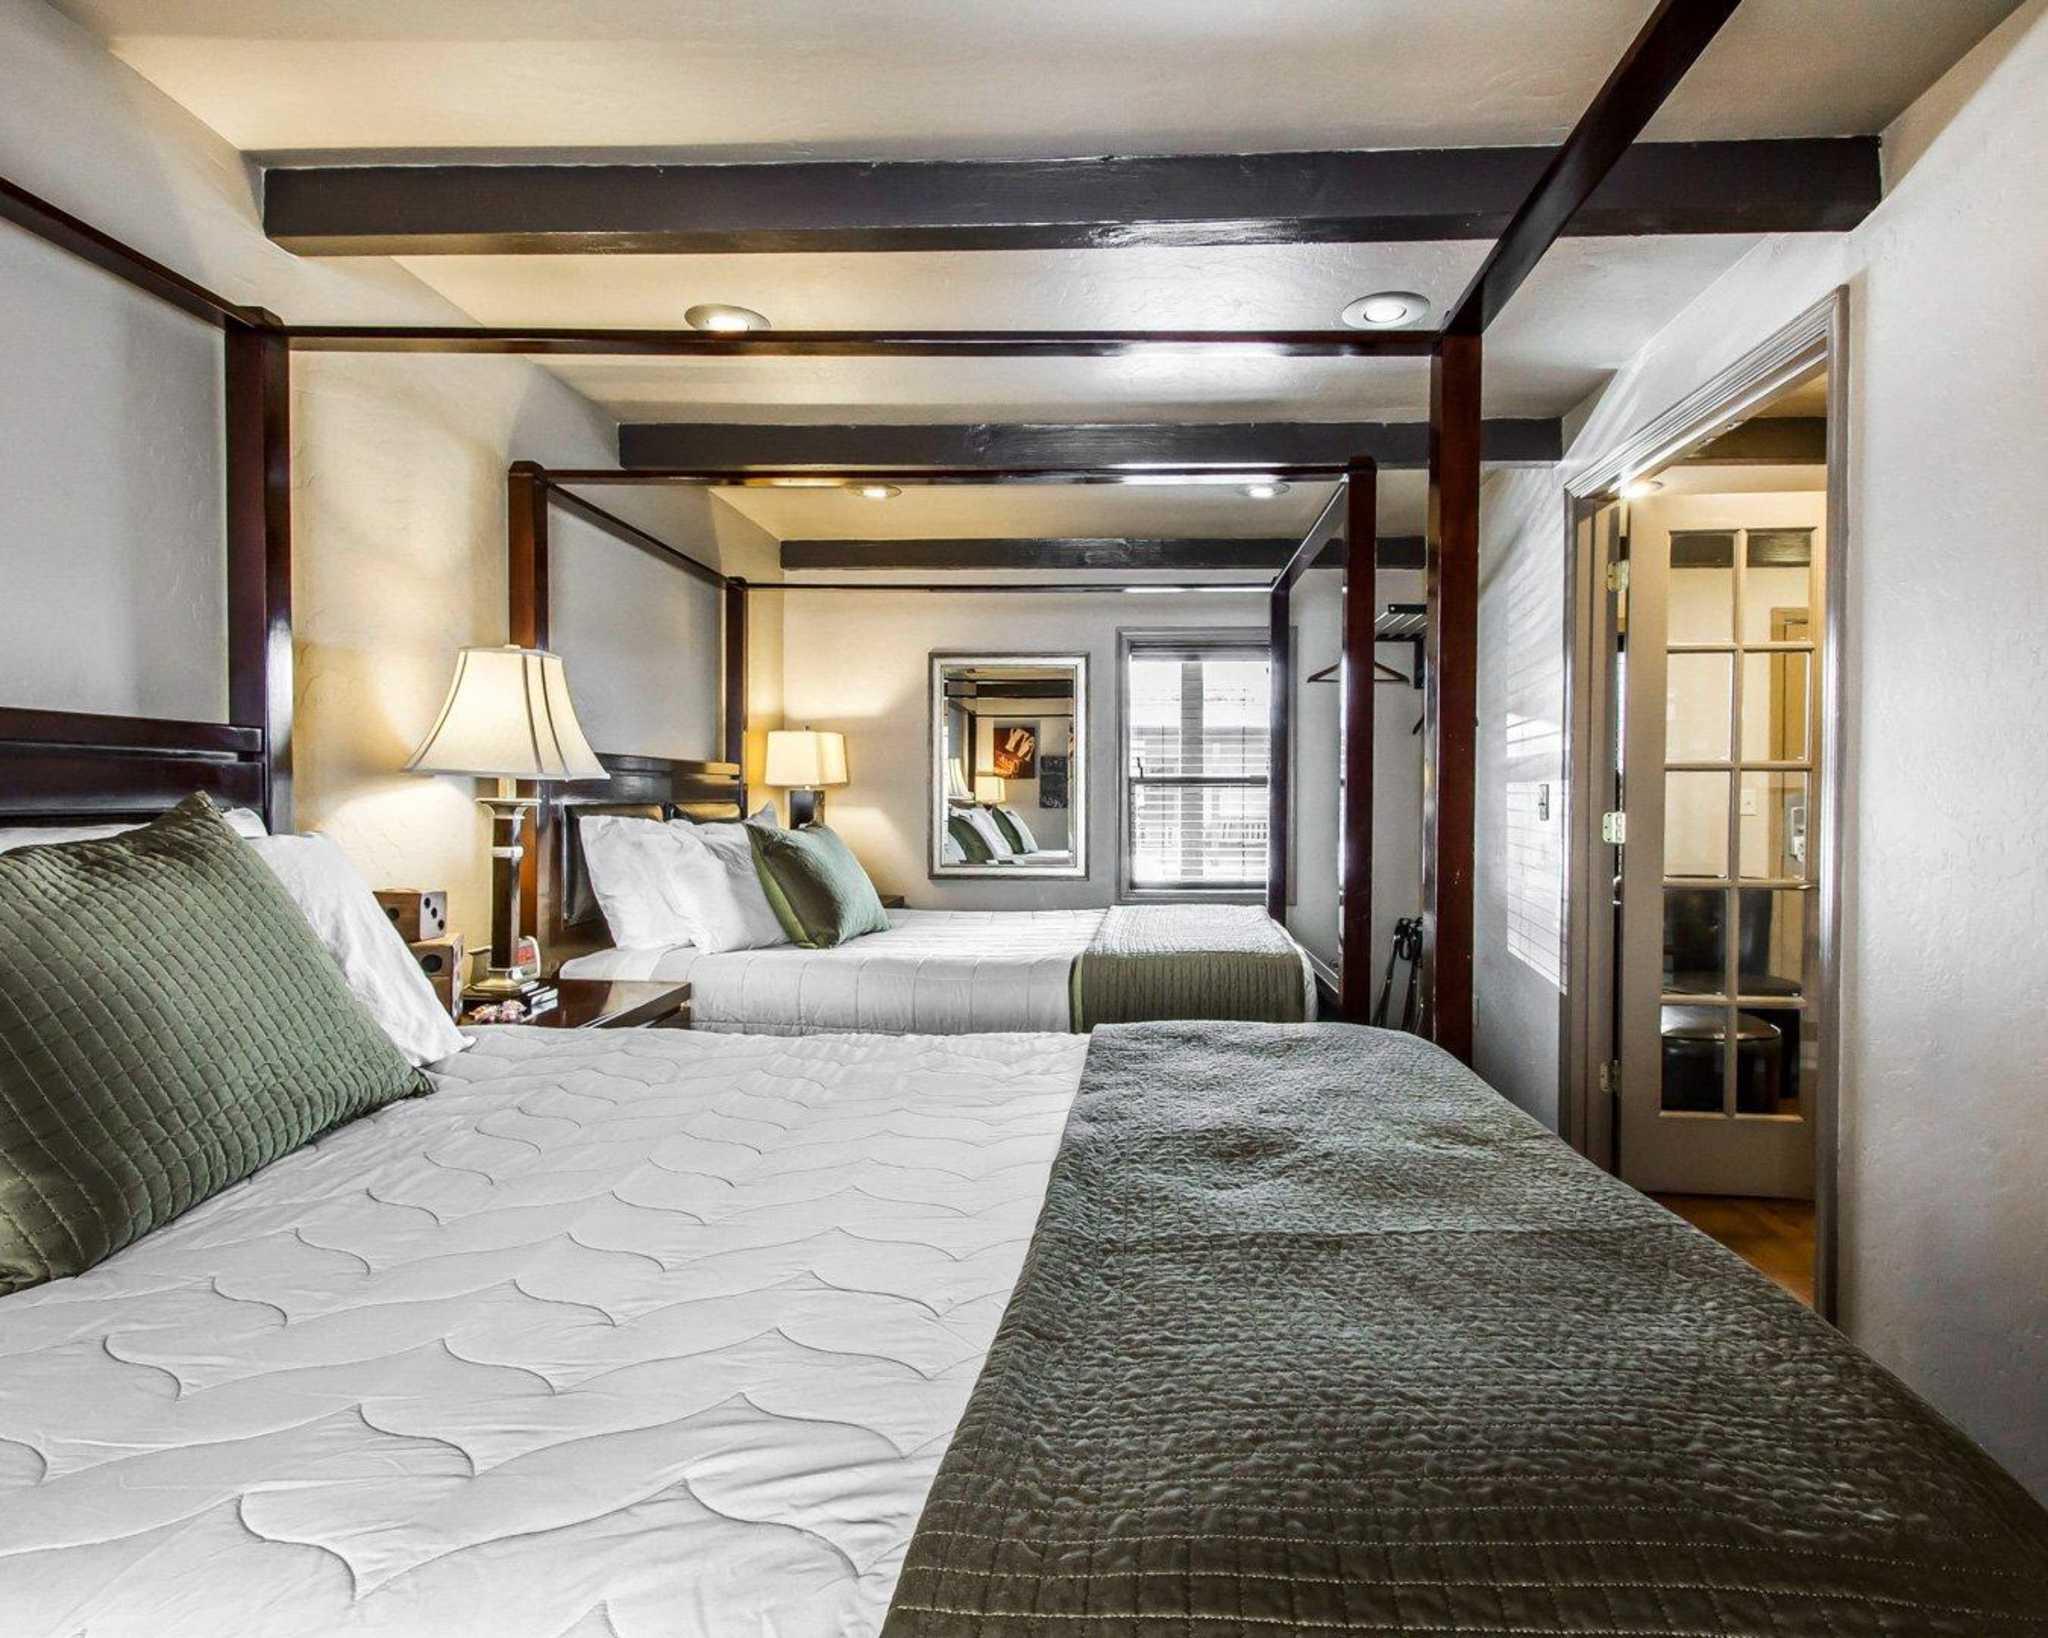 Rodeway Inn & Suites Downtowner-Rte 66 image 25